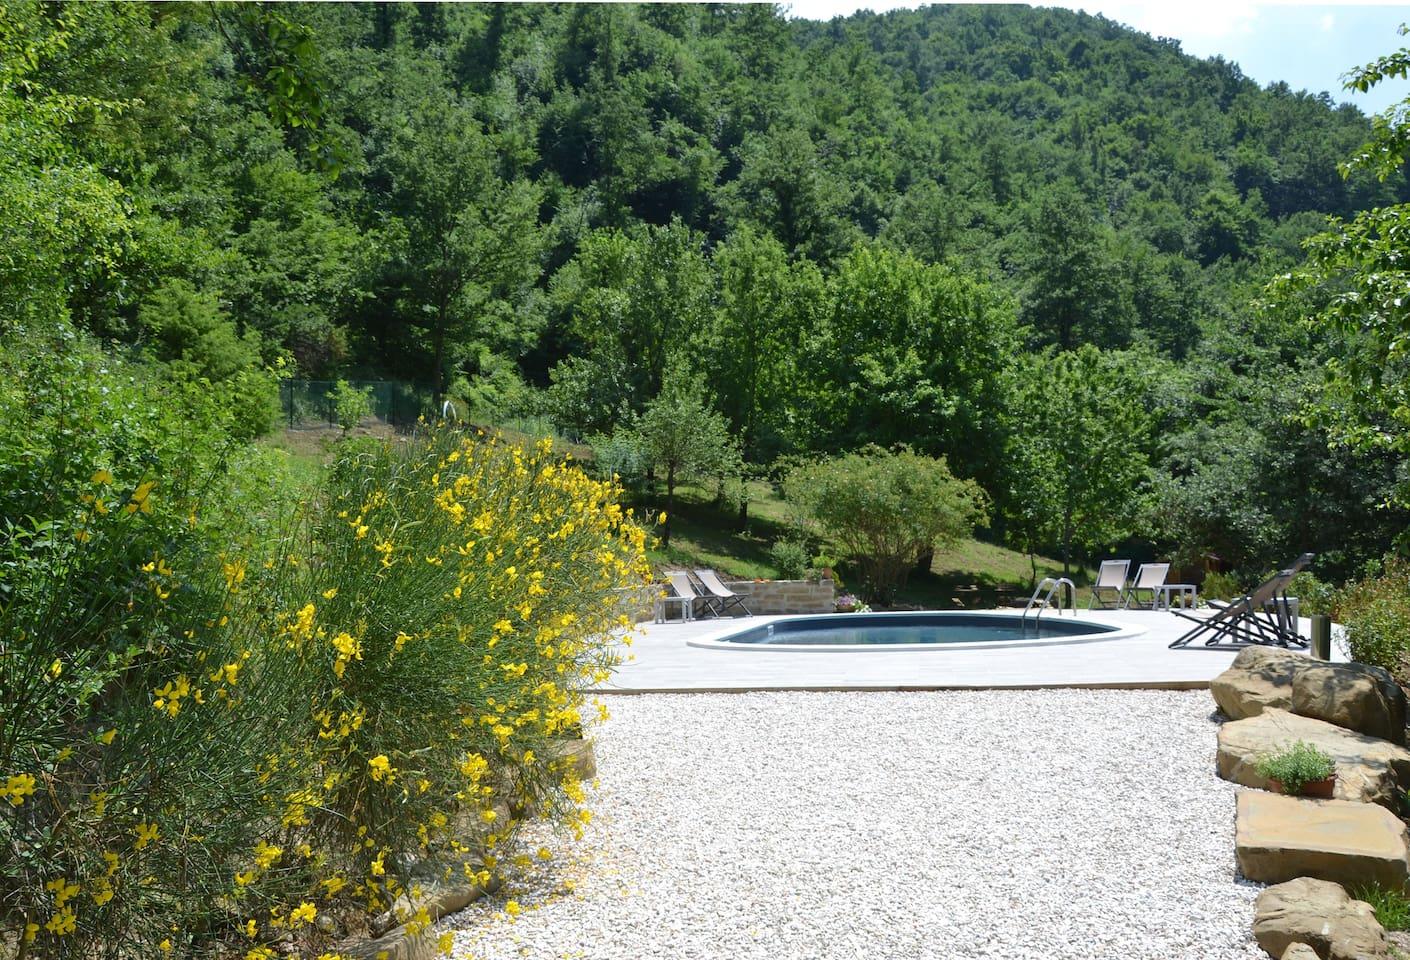 la nostra piscina, tutta nuova e immersa nel verde a 360 gradi!